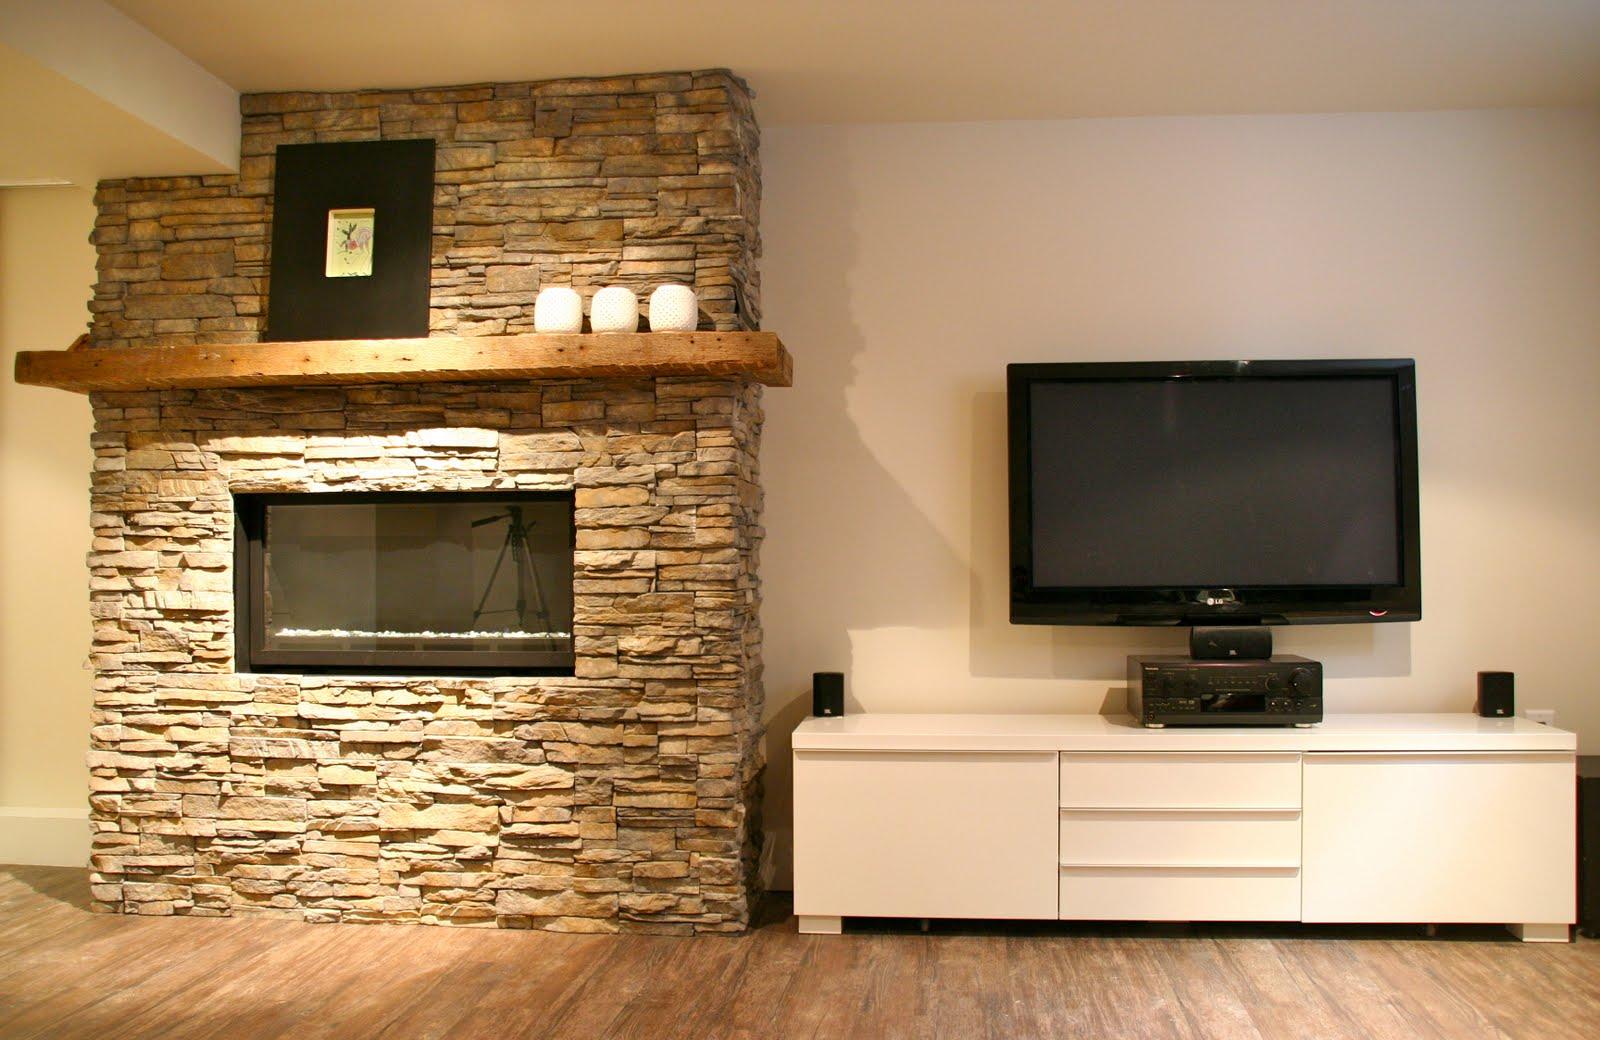 Гостиная с декоративной стеной и телевизором